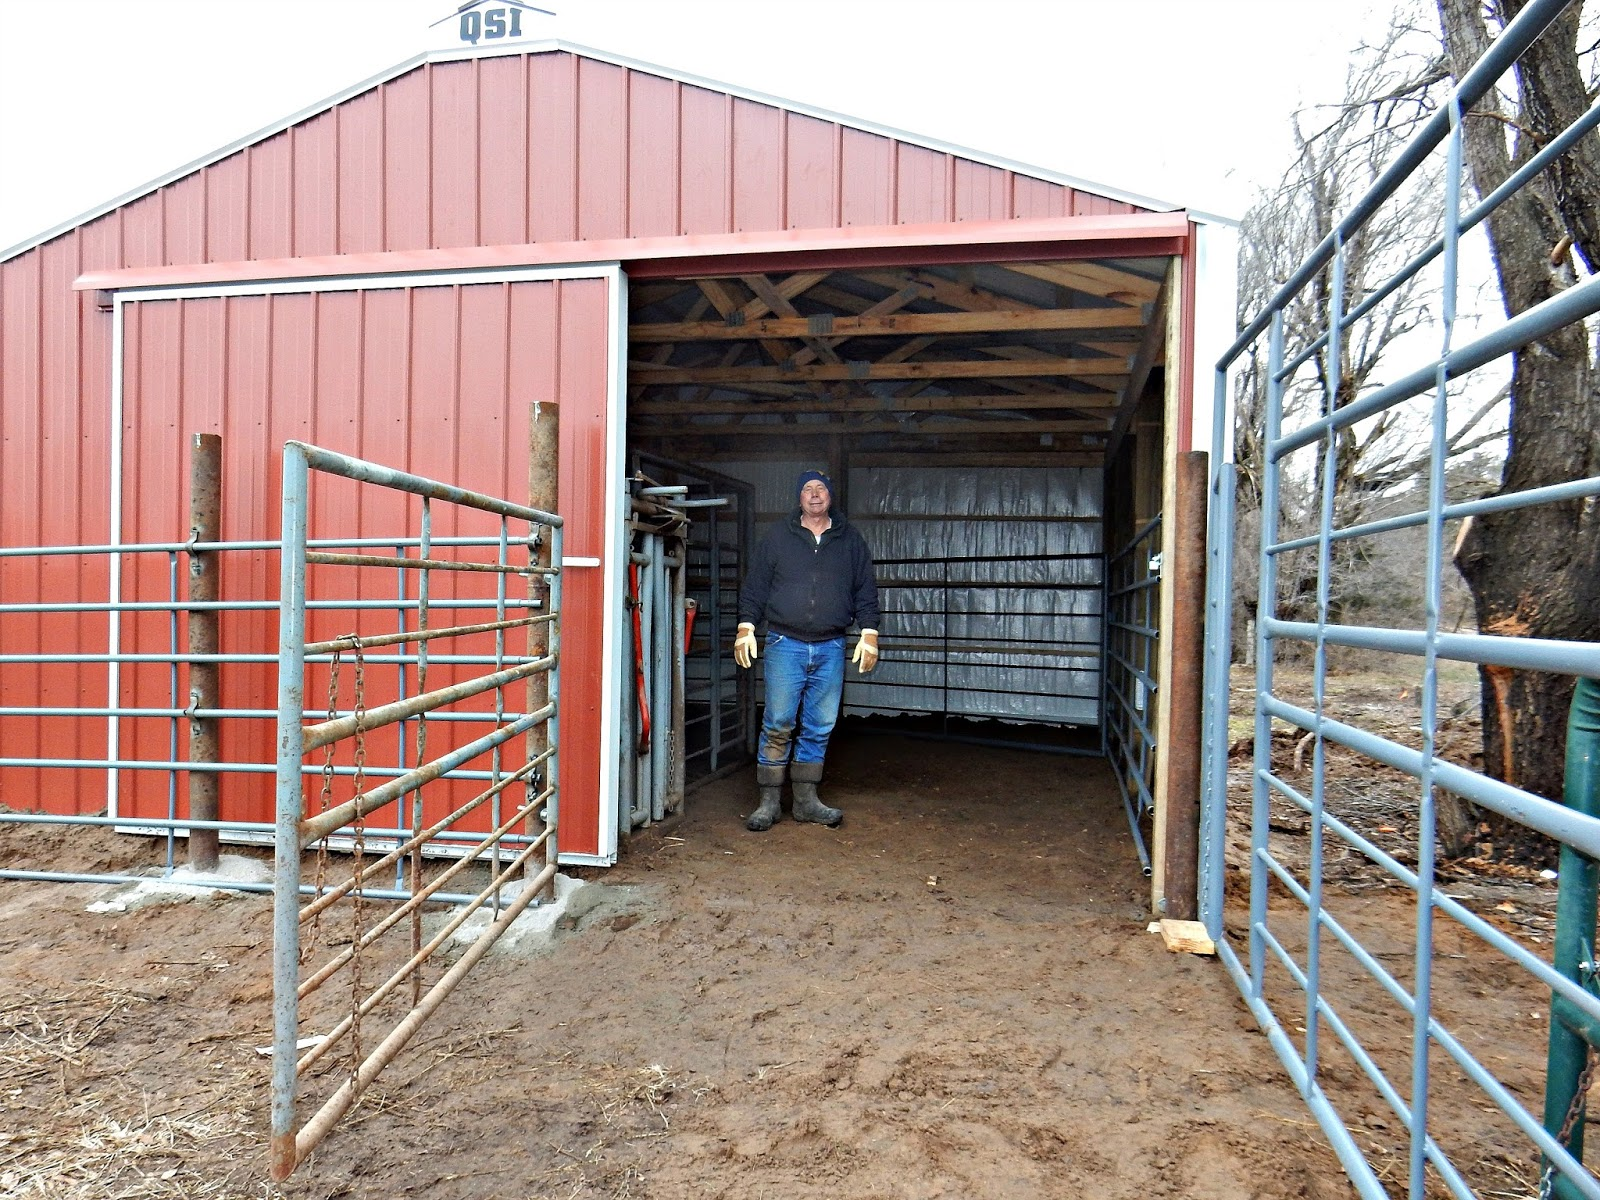 Kim S County Line Cribs Aka Sheds